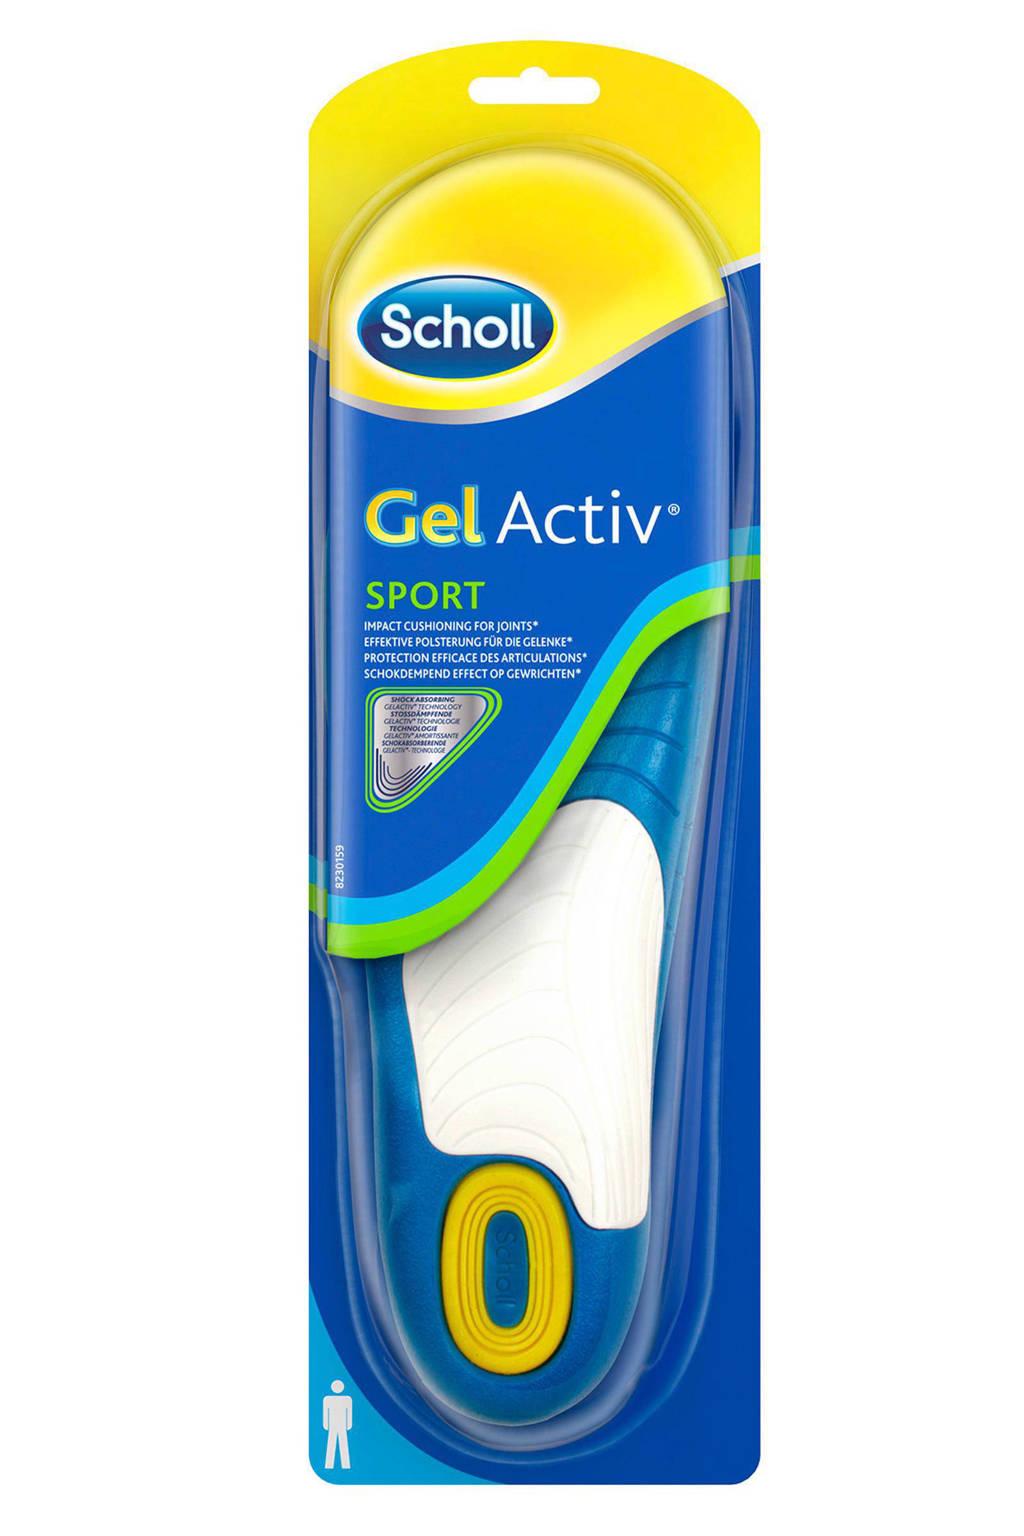 Scholl Gel Activ zolen - sport